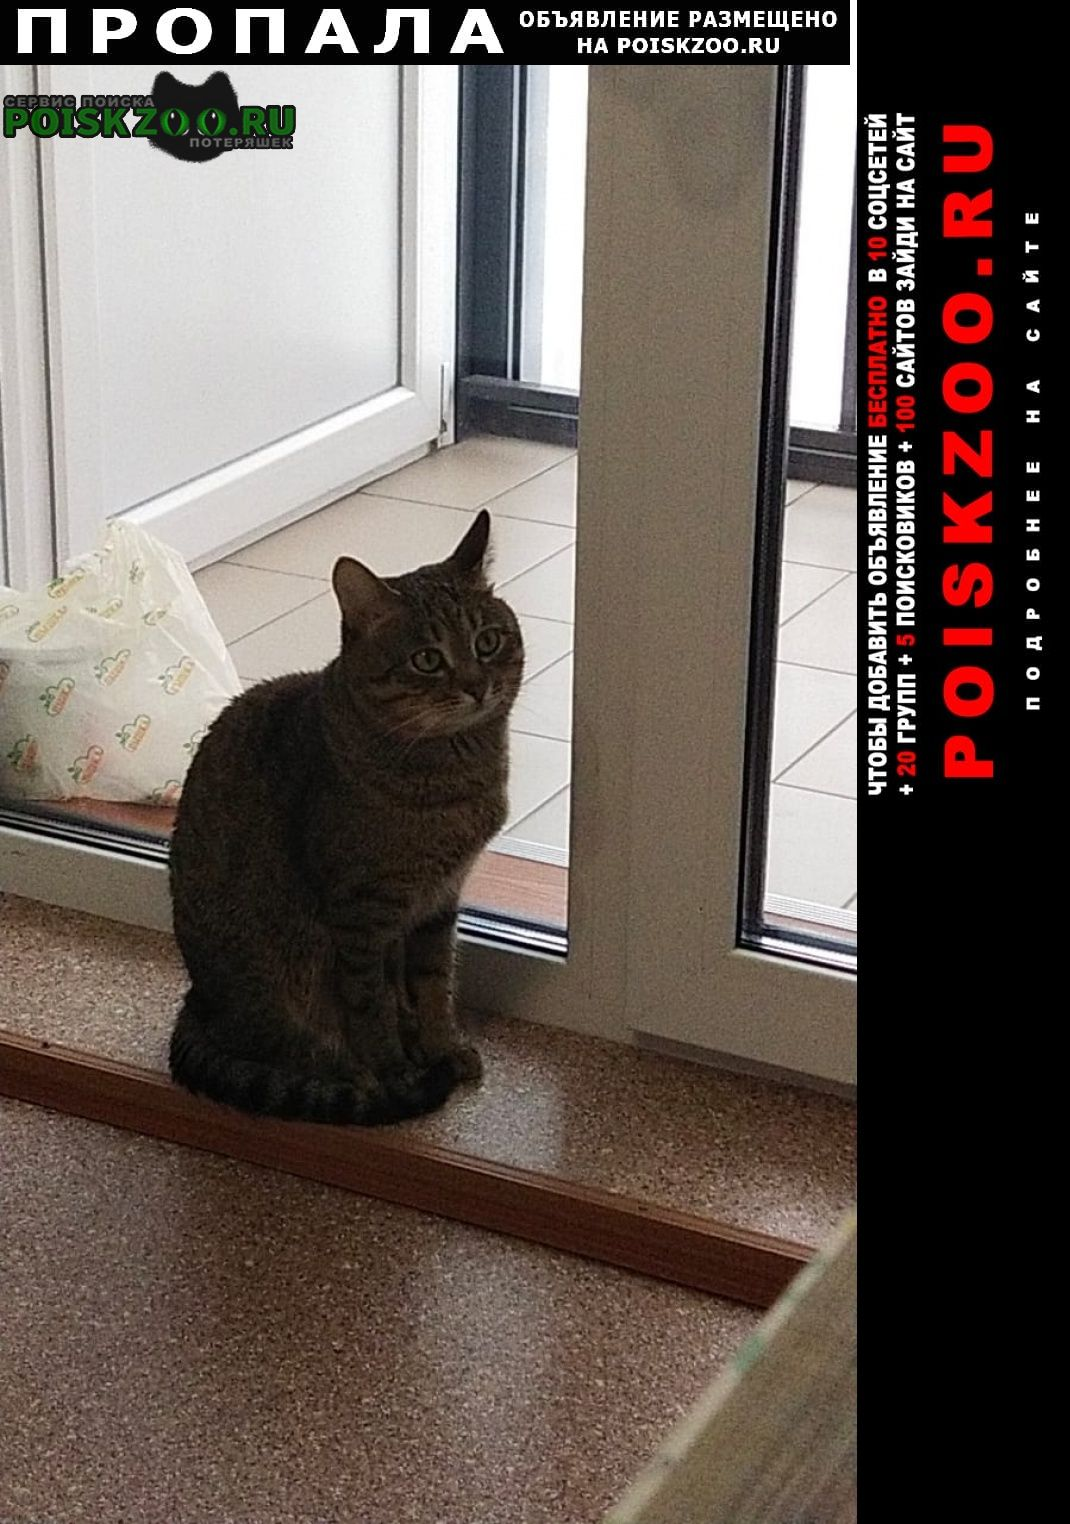 Уфа Пропал кот ищем тигриный окрас